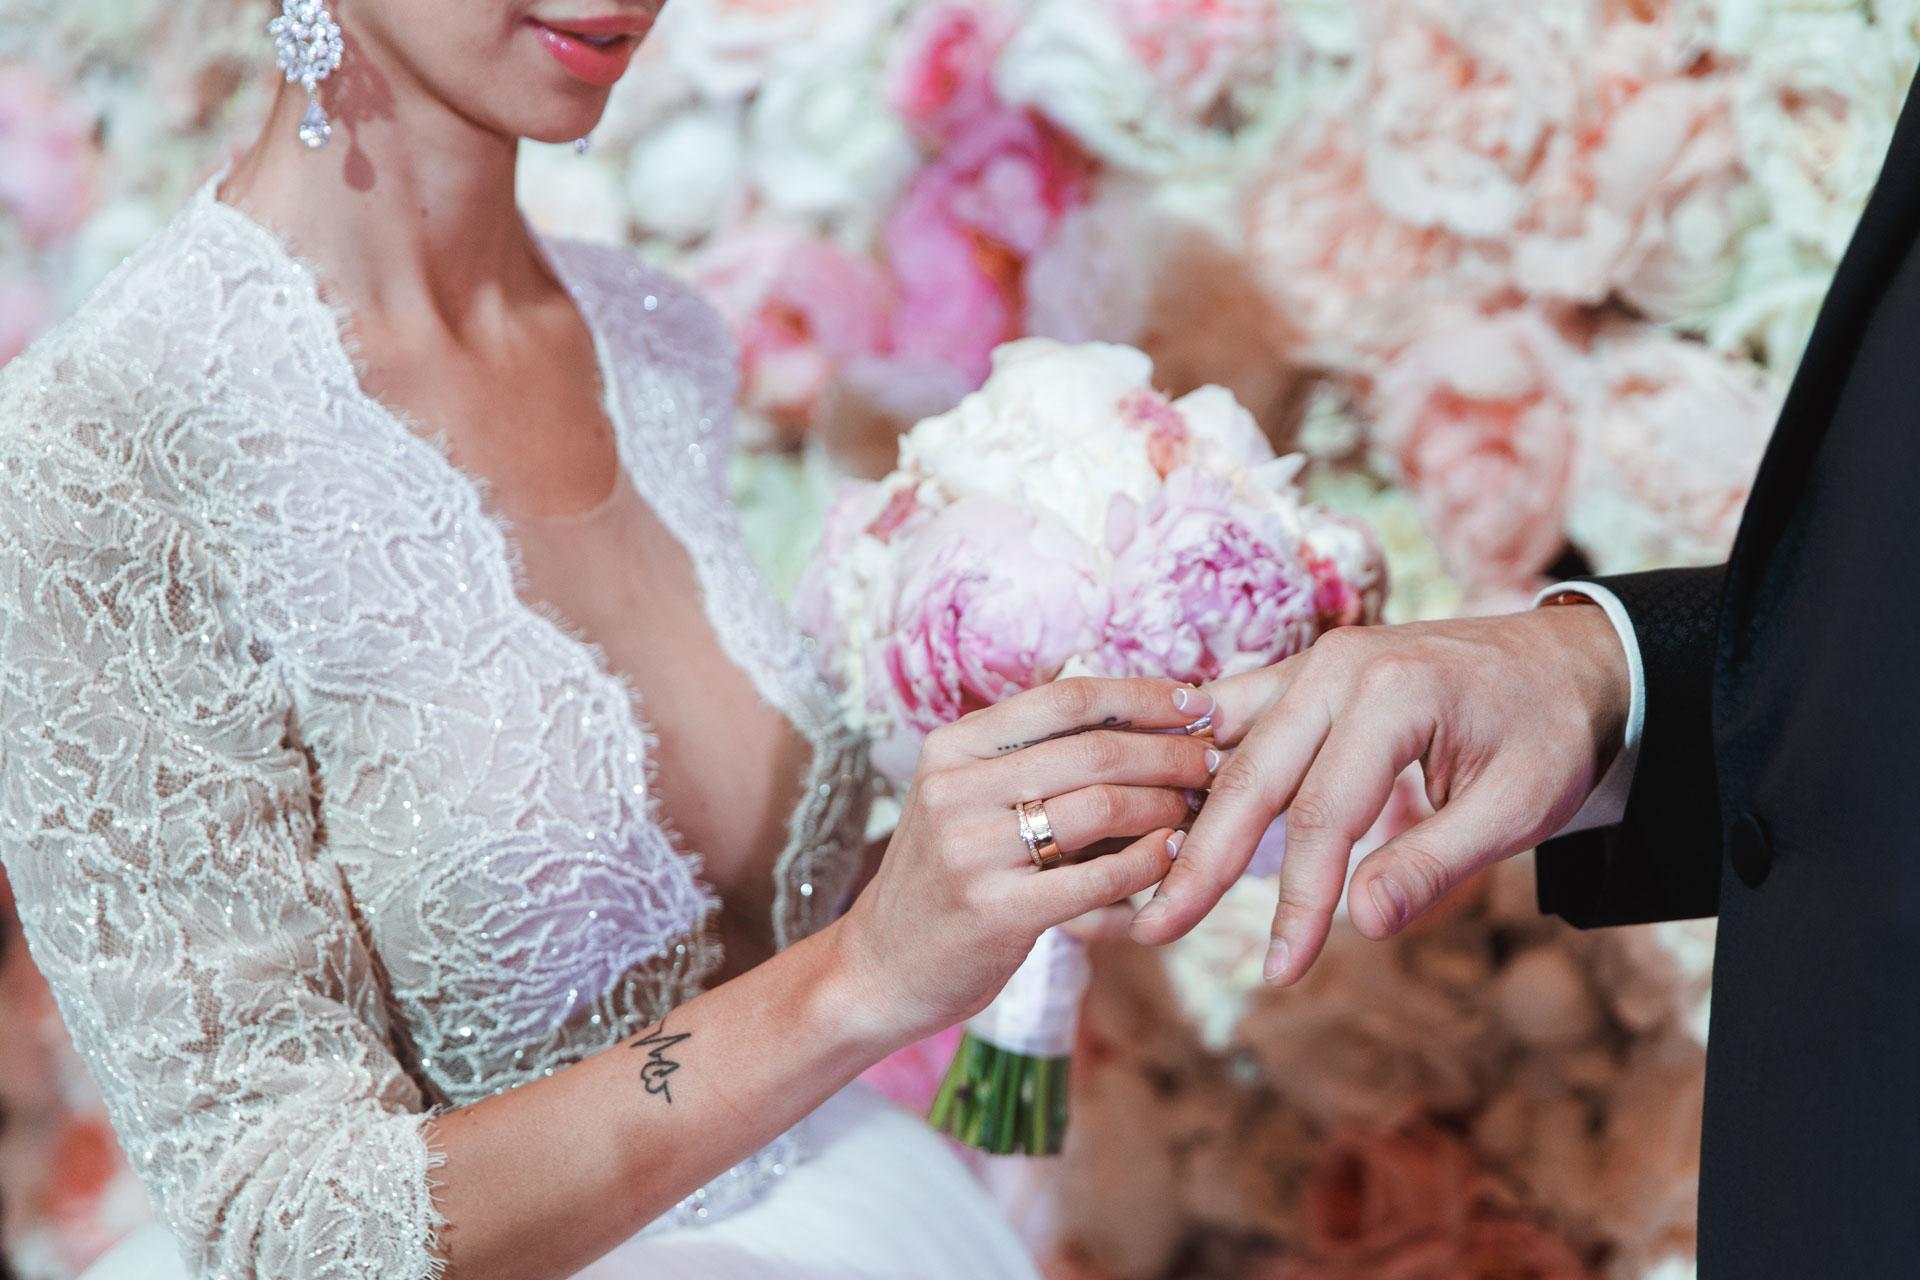 Анна грачевская и артем кузякин фото свадьбы